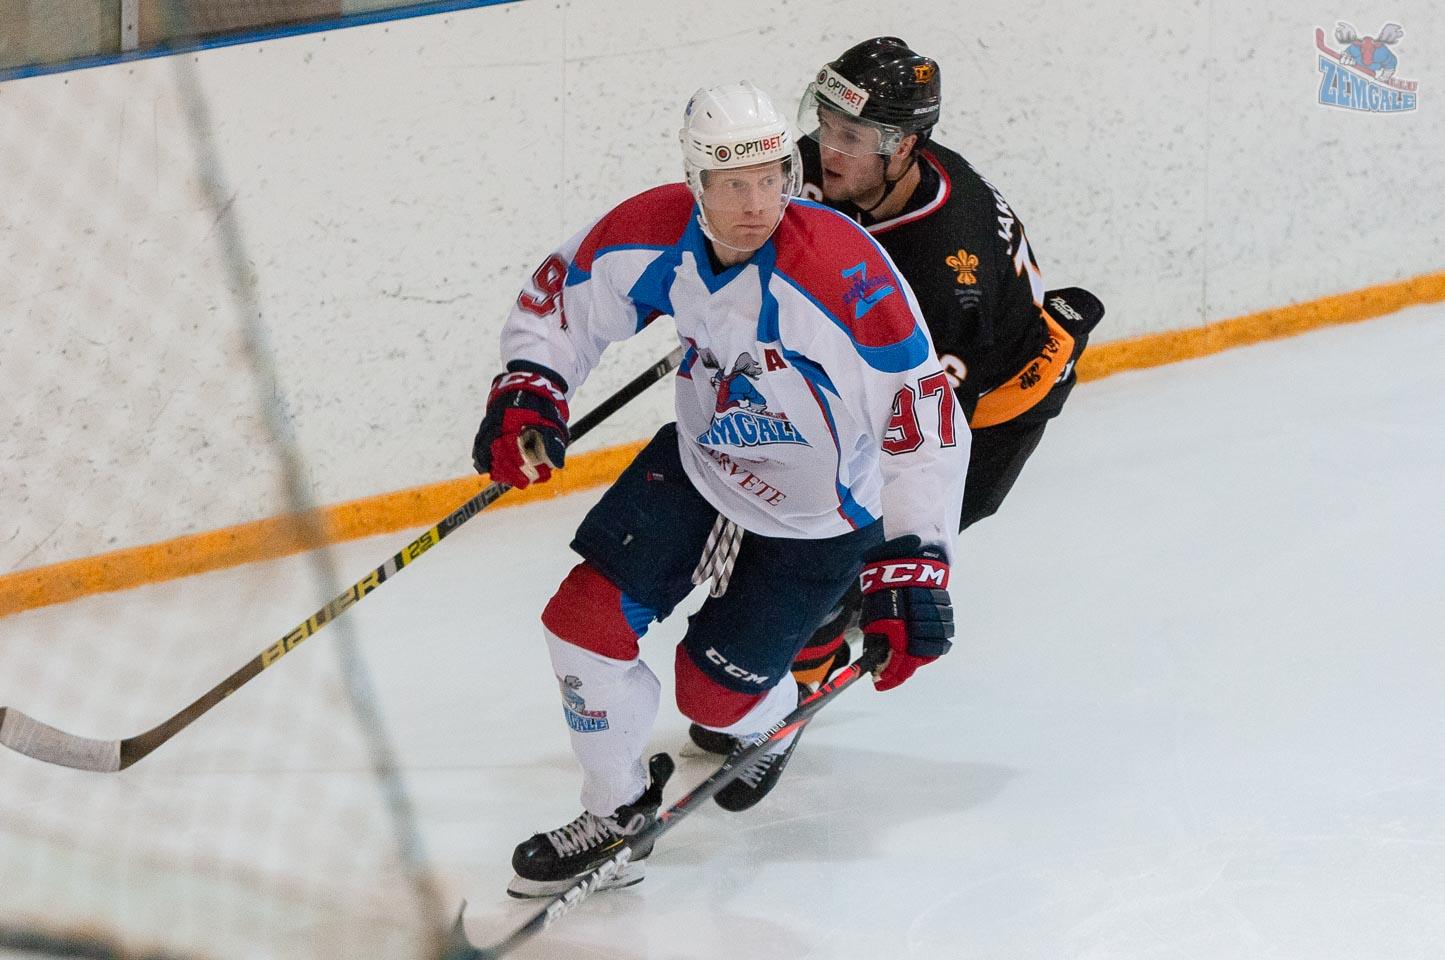 Hokeja uzbrucējs ar pretinieka aizsargu aizmugurē